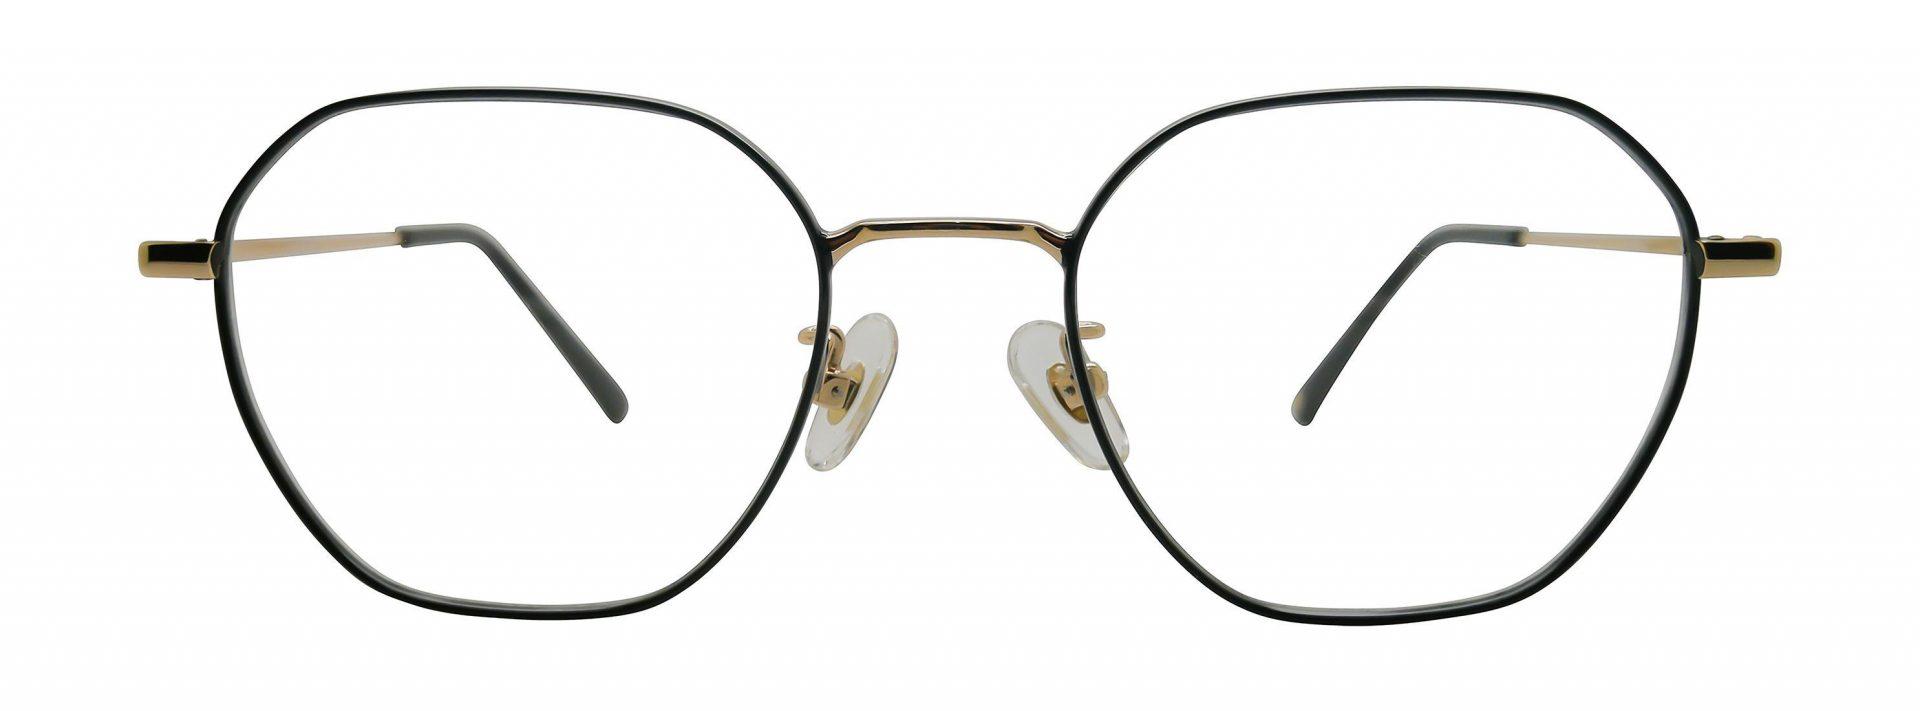 Elle Spectacles 14411 01